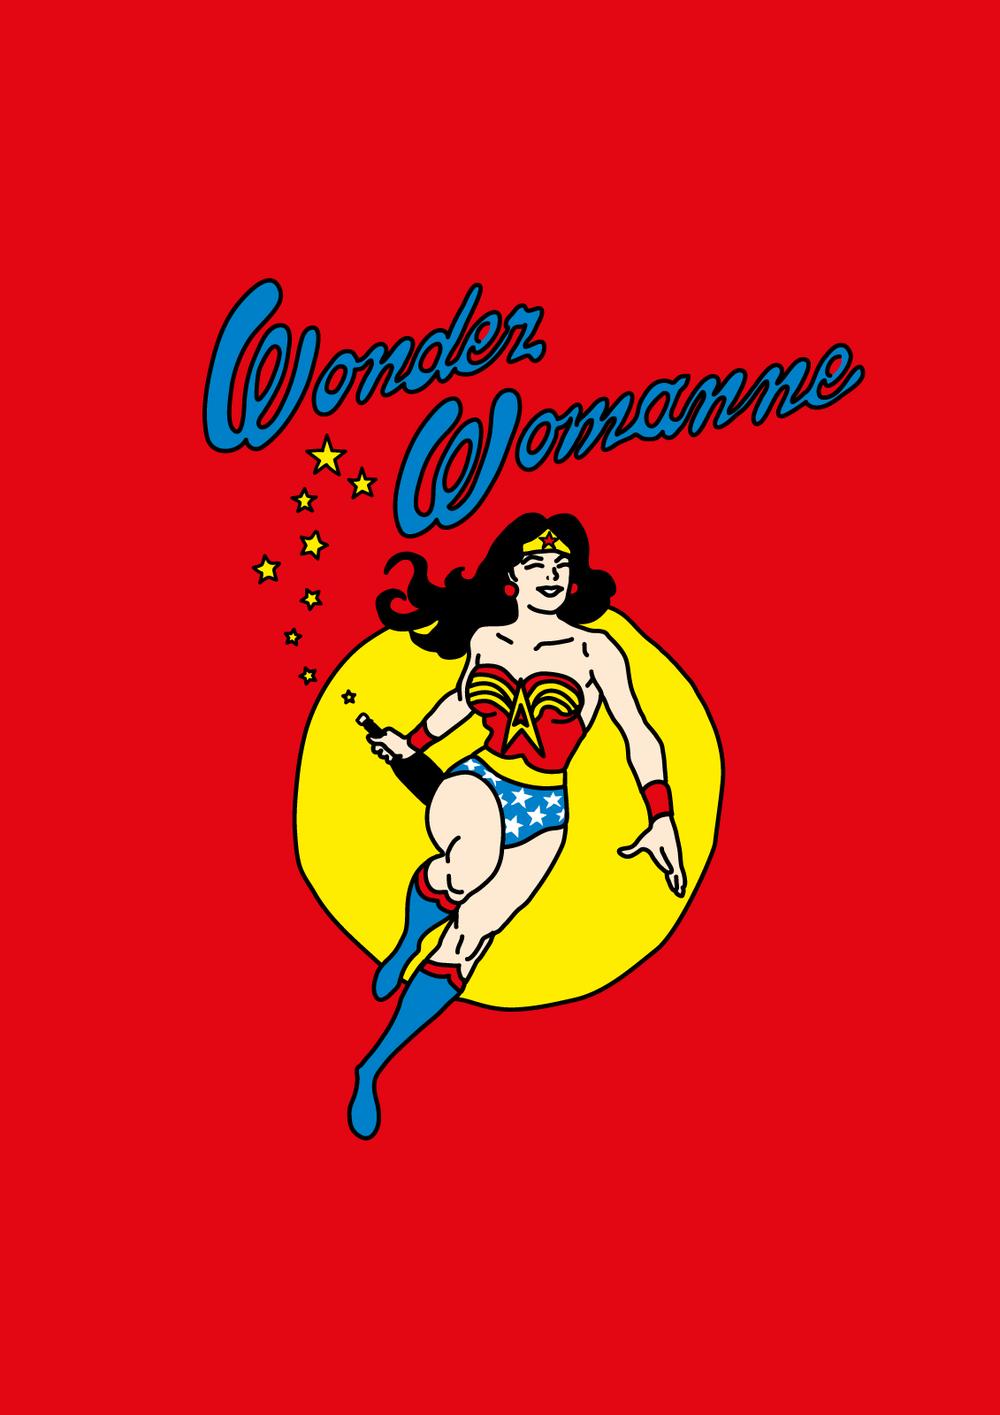 Wonderwomanne